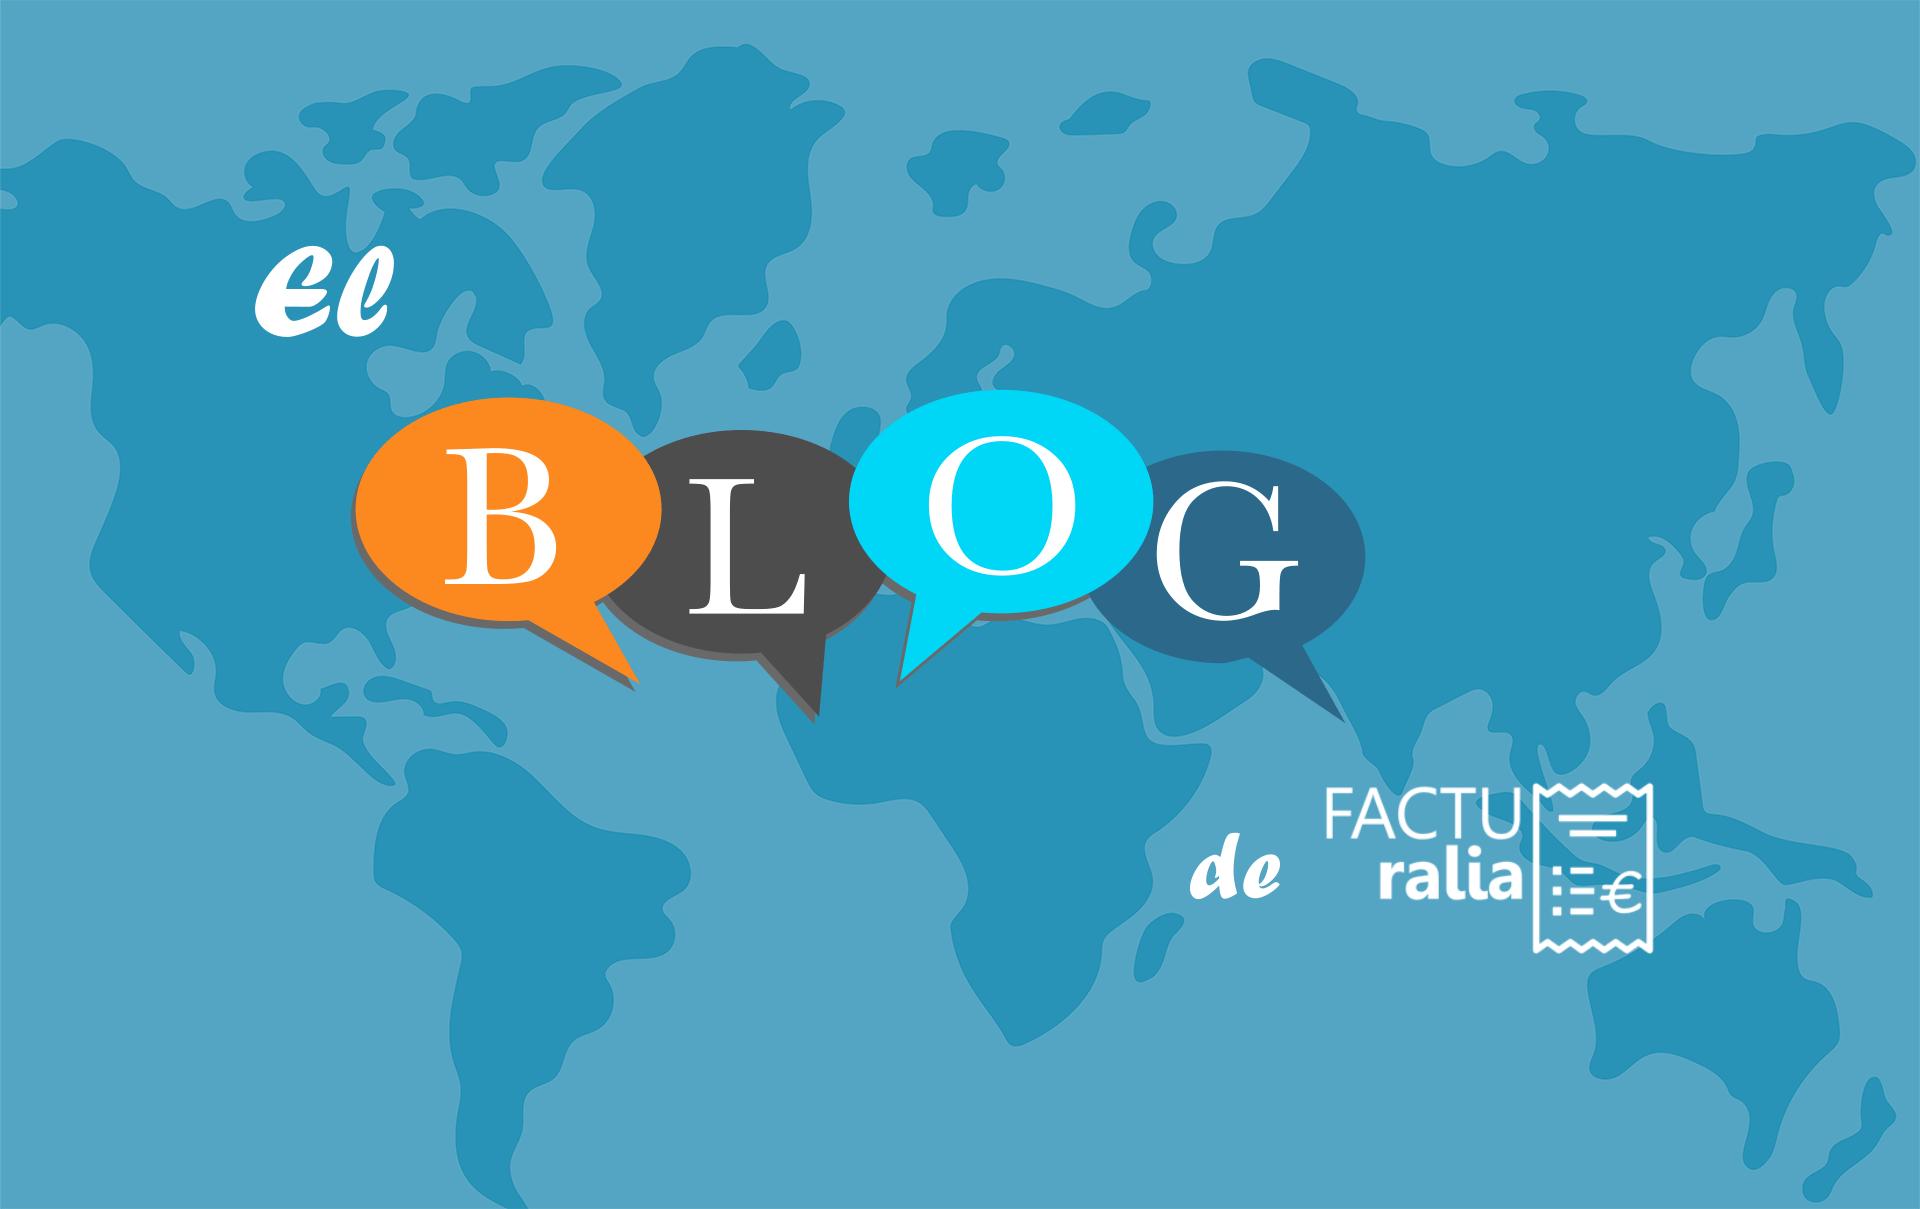 El blog de Facturalia